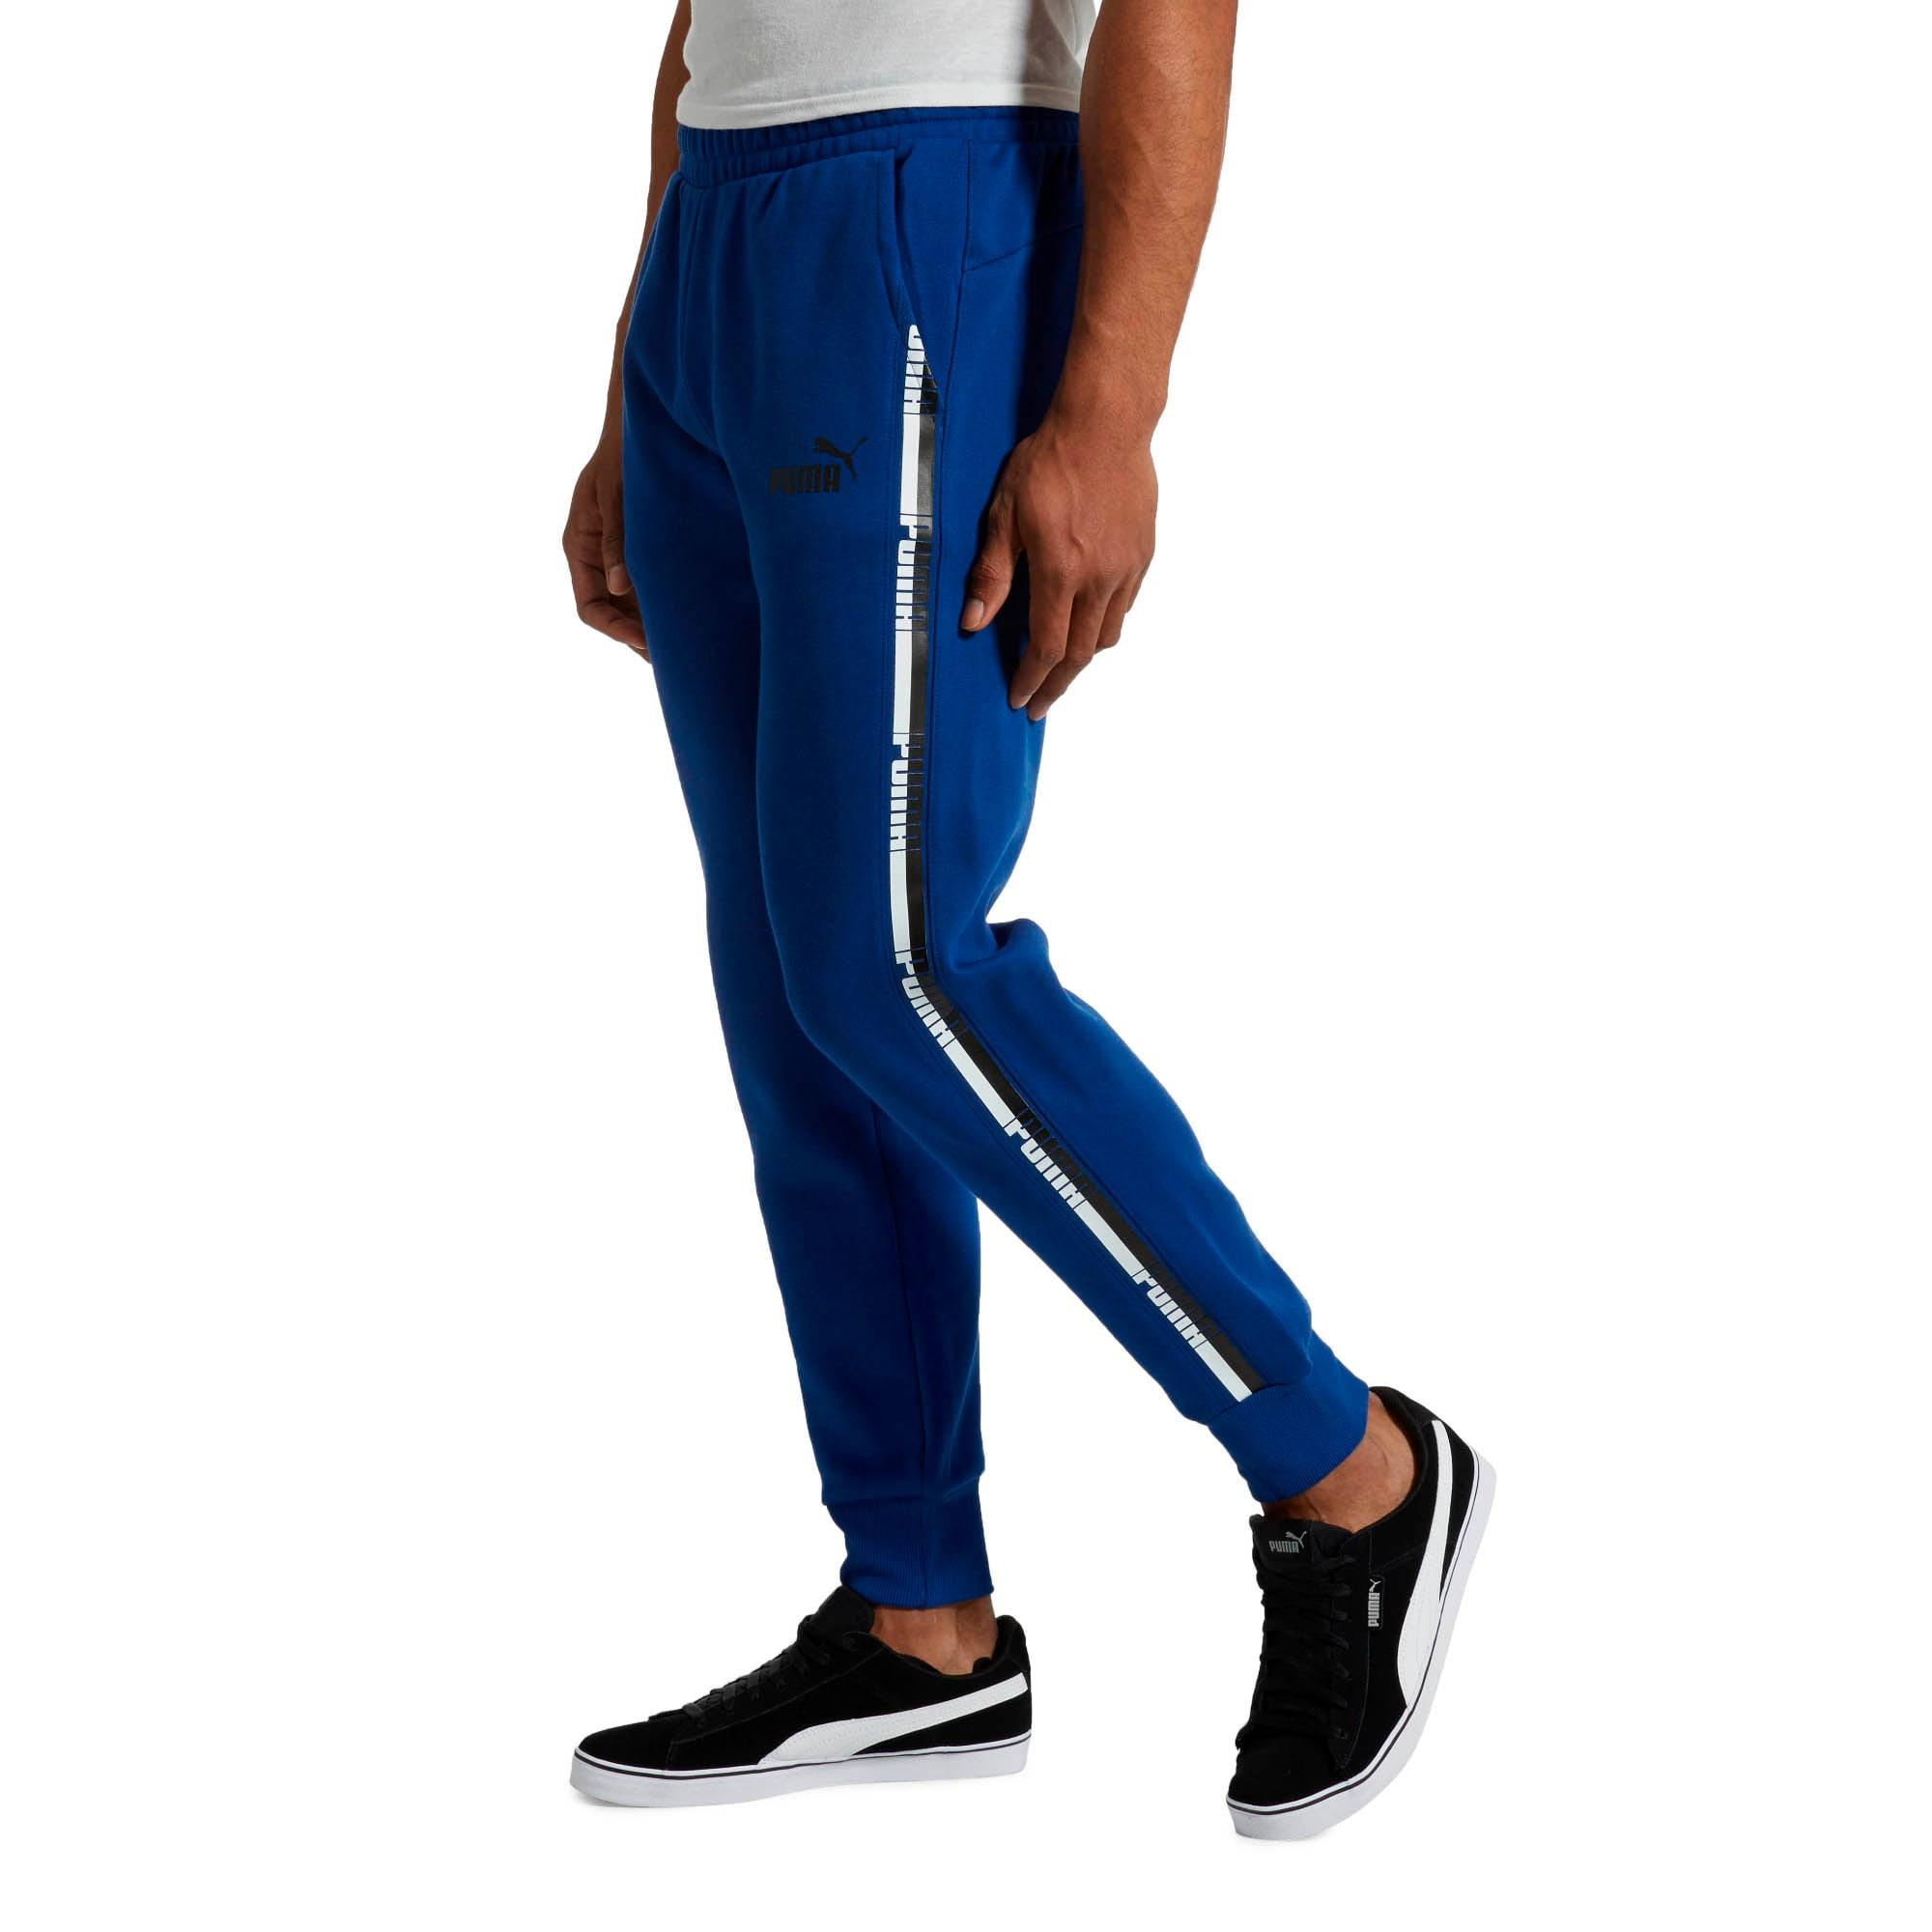 Thumbnail 2 of Tape Men's Pants, Sodalite Blue, medium